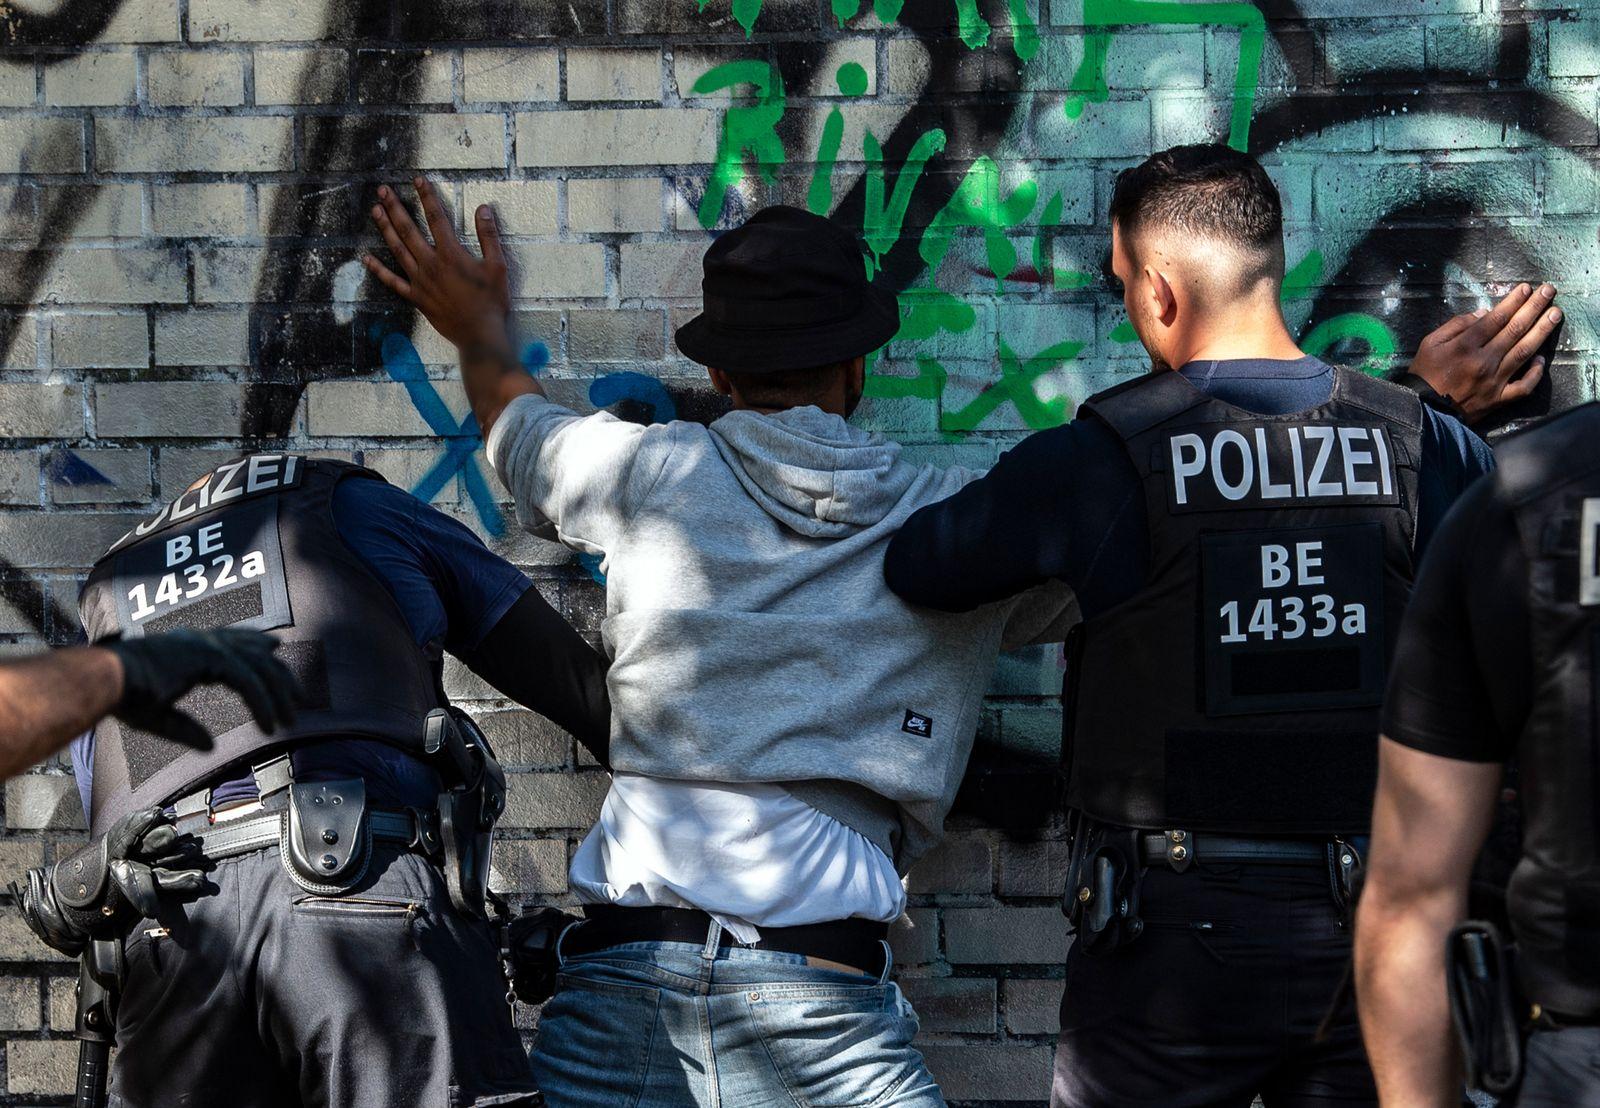 Rassismus und Beleidigungen im Polizeialltag